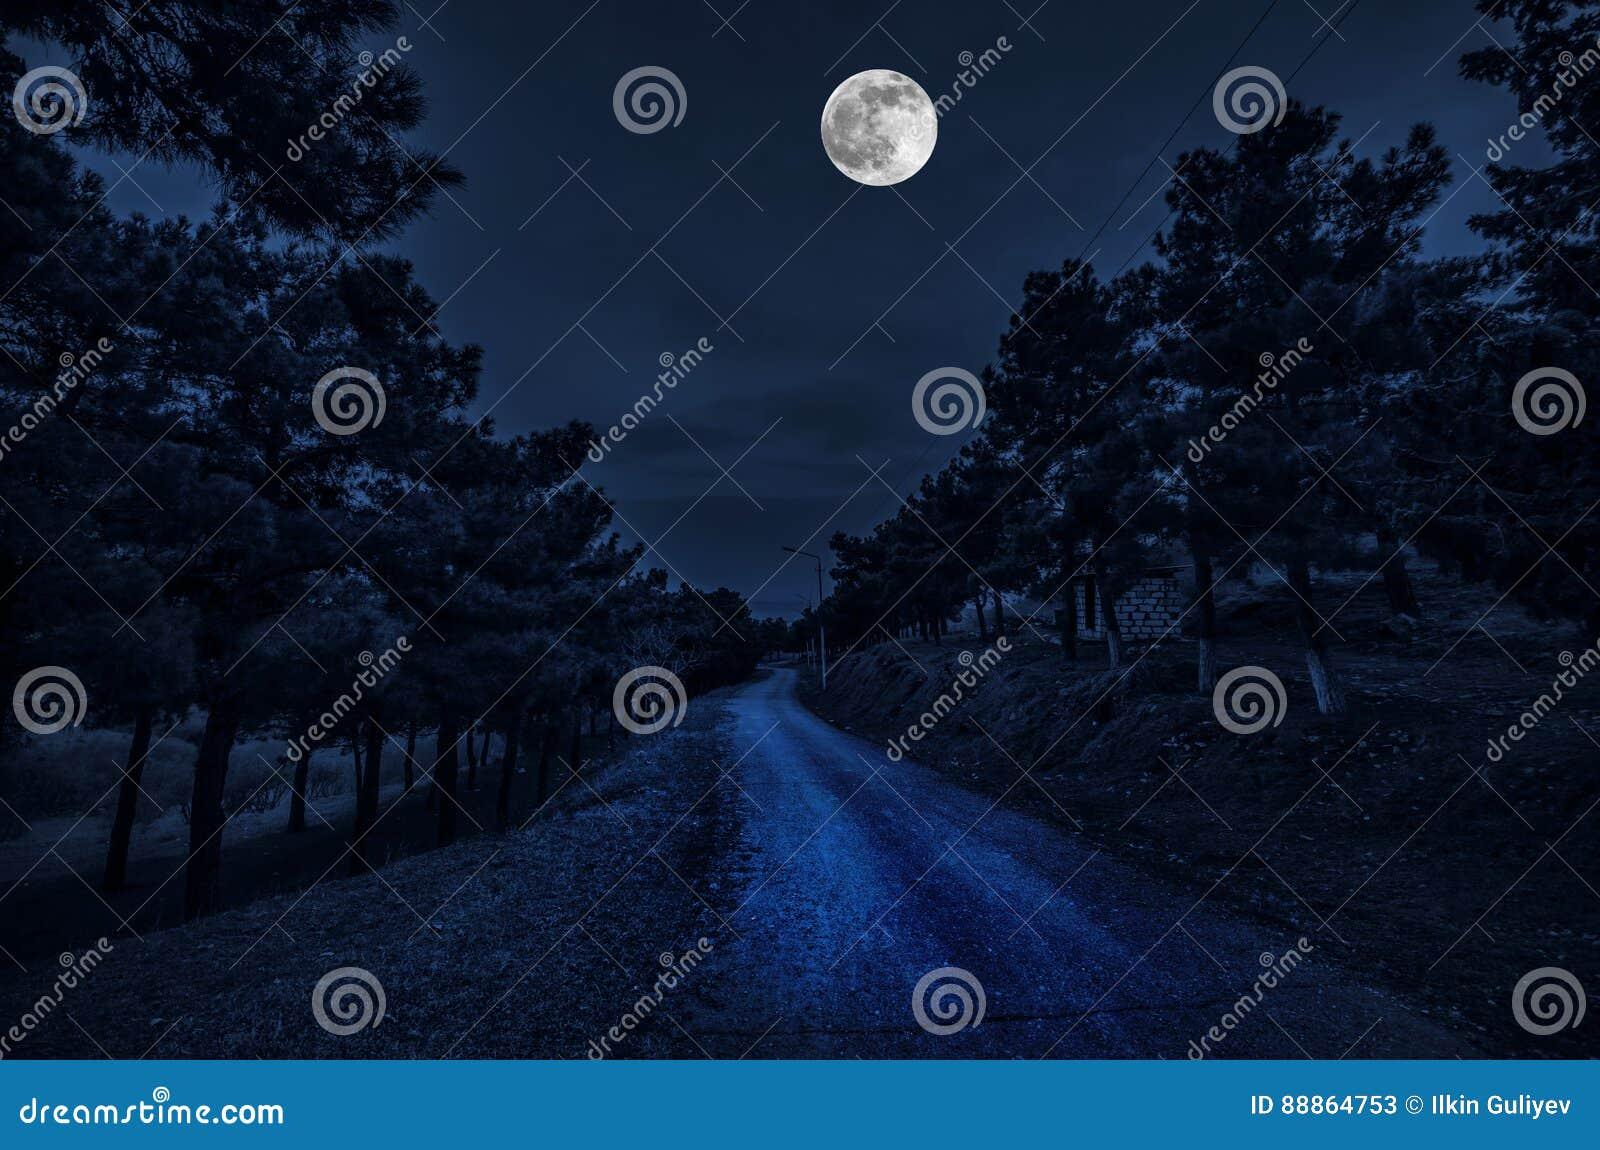 Όμορφη του χωριού οδός τοπίων με τα κτήρια και τα δέντρα και μεγάλη πανσέληνος στο νυχτερινό ουρανό Μεγάλος Καύκασος Φύση Γ του Α